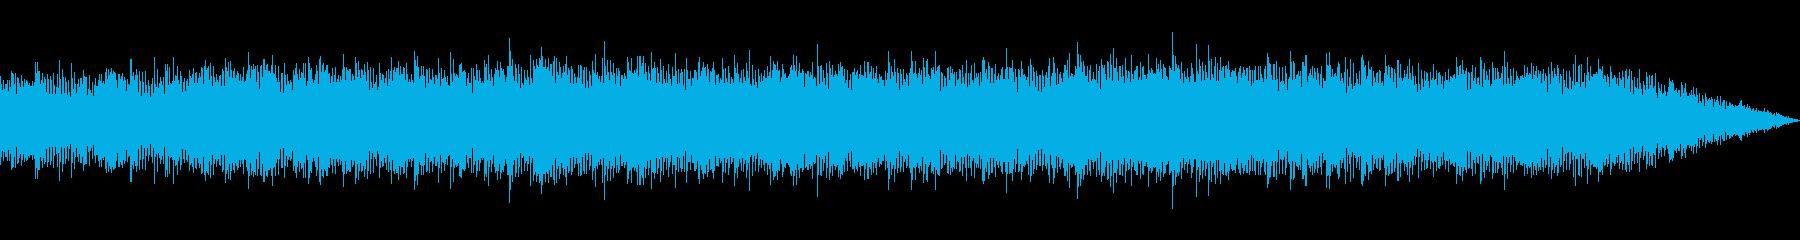 ポジティブな響きのあるテクノ・ポップの再生済みの波形